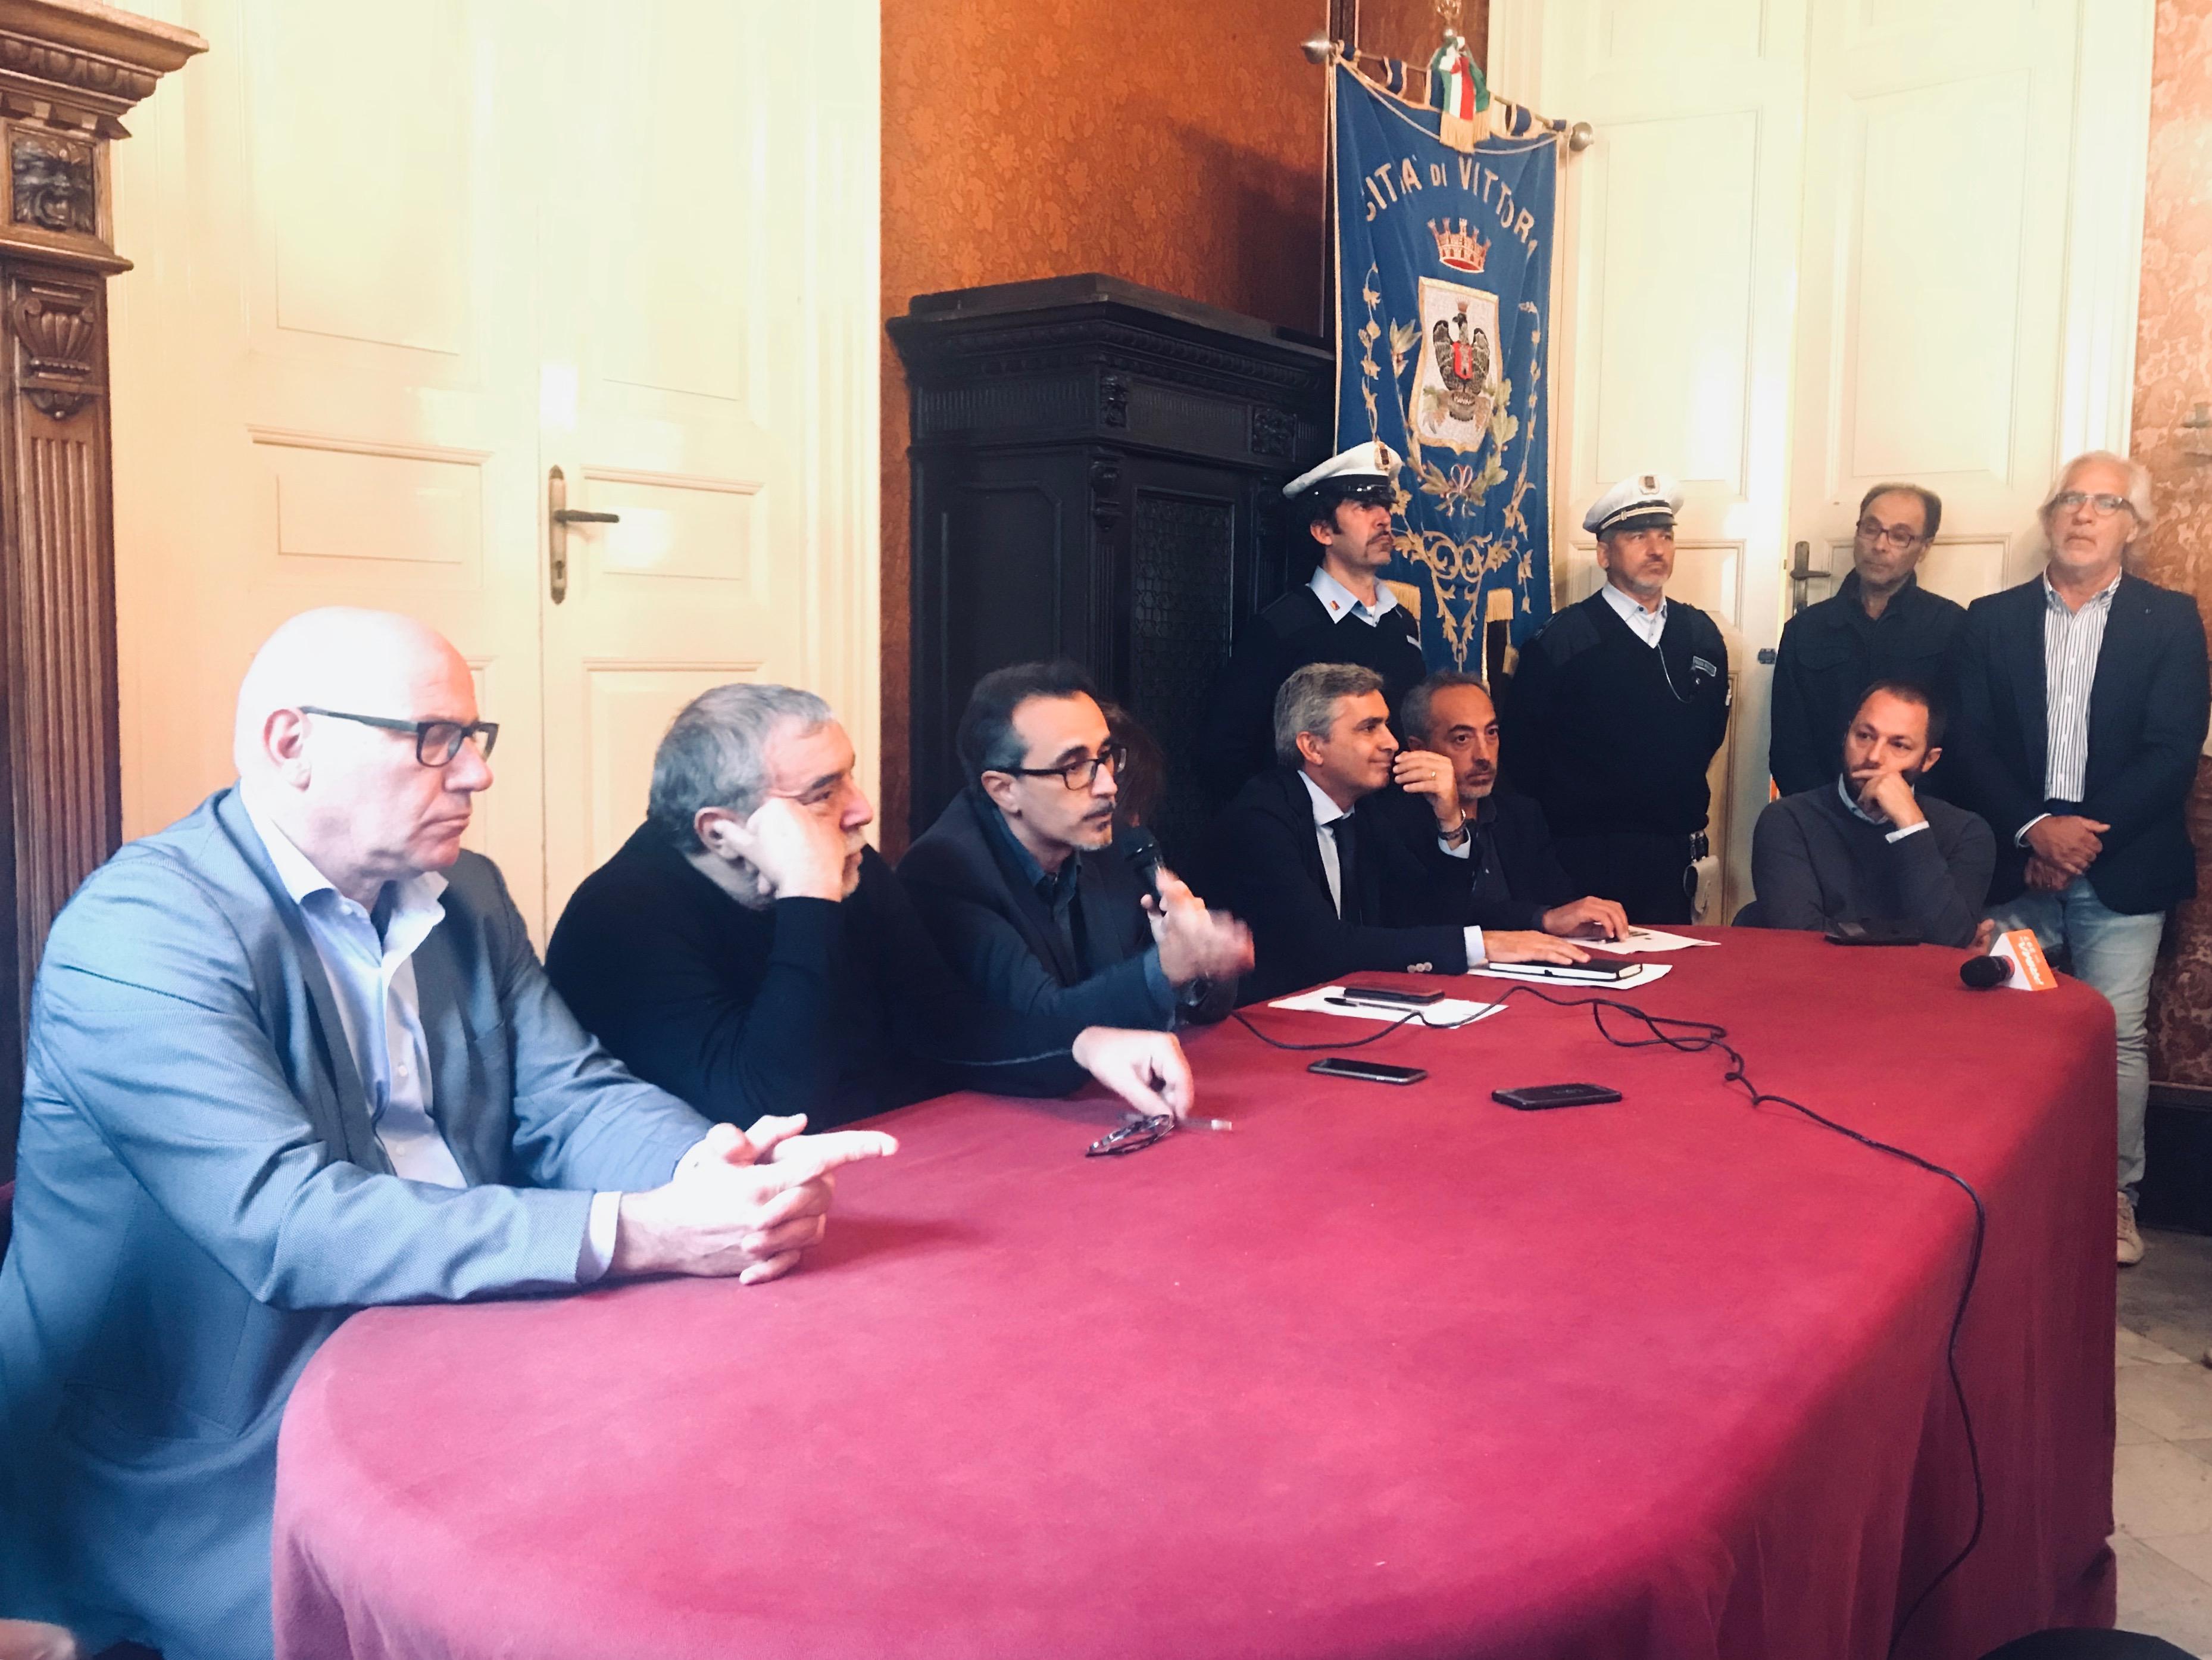 """Ludopatia, presentato il corto """"Magic Show"""" con Nino Frassica"""